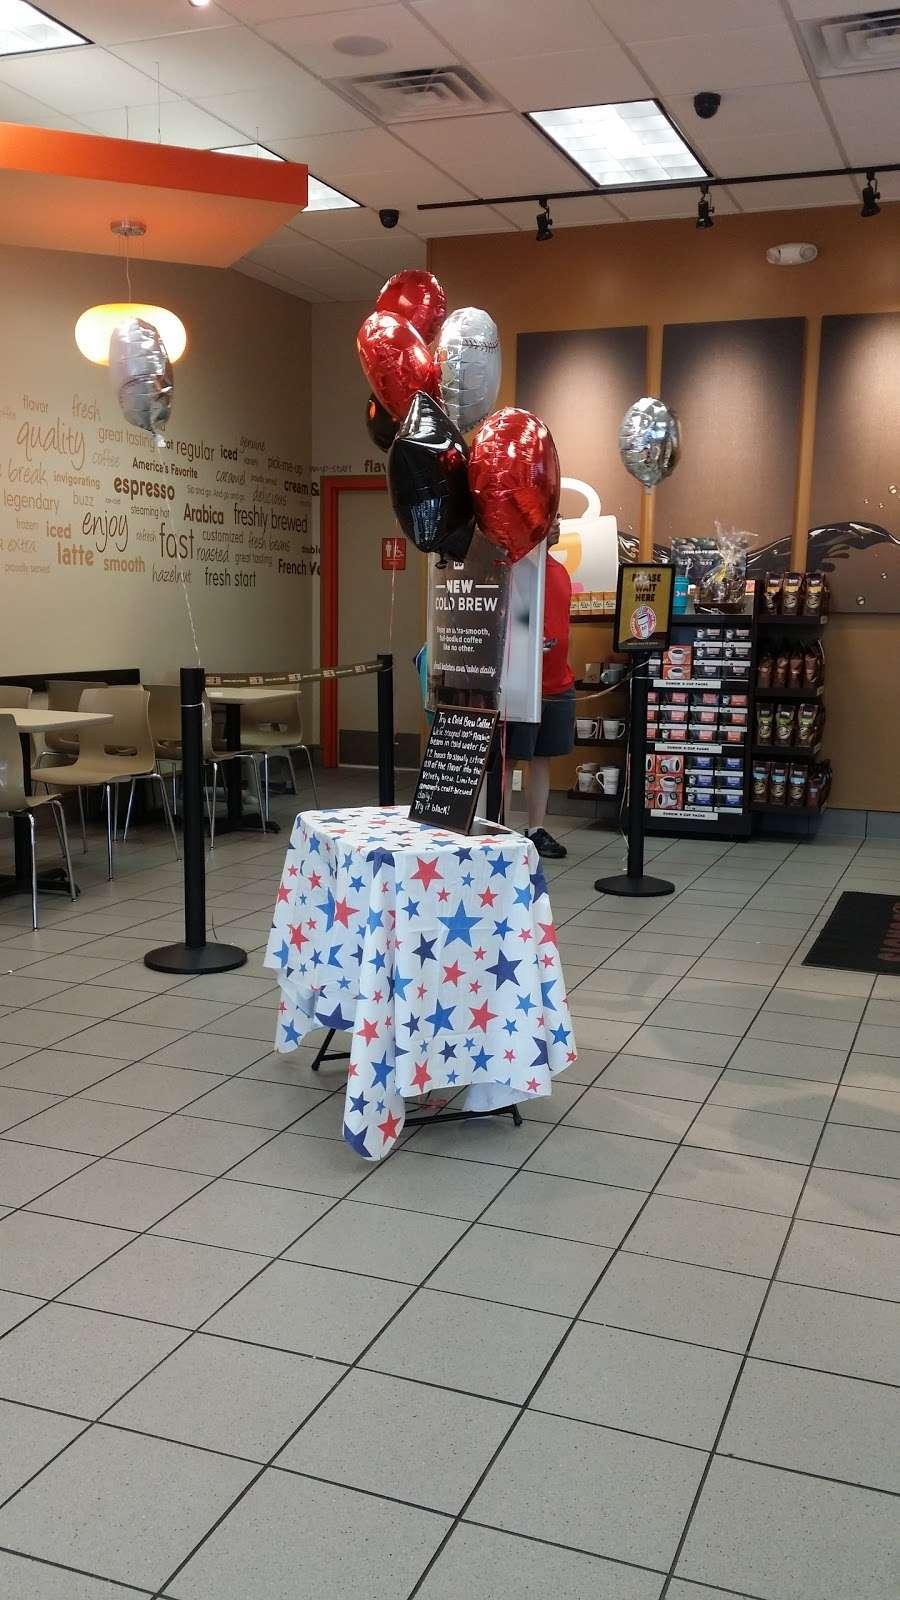 Dunkin Donuts - cafe  | Photo 5 of 10 | Address: 1039 US-46, Ledgewood, NJ 07852, USA | Phone: (973) 927-1044